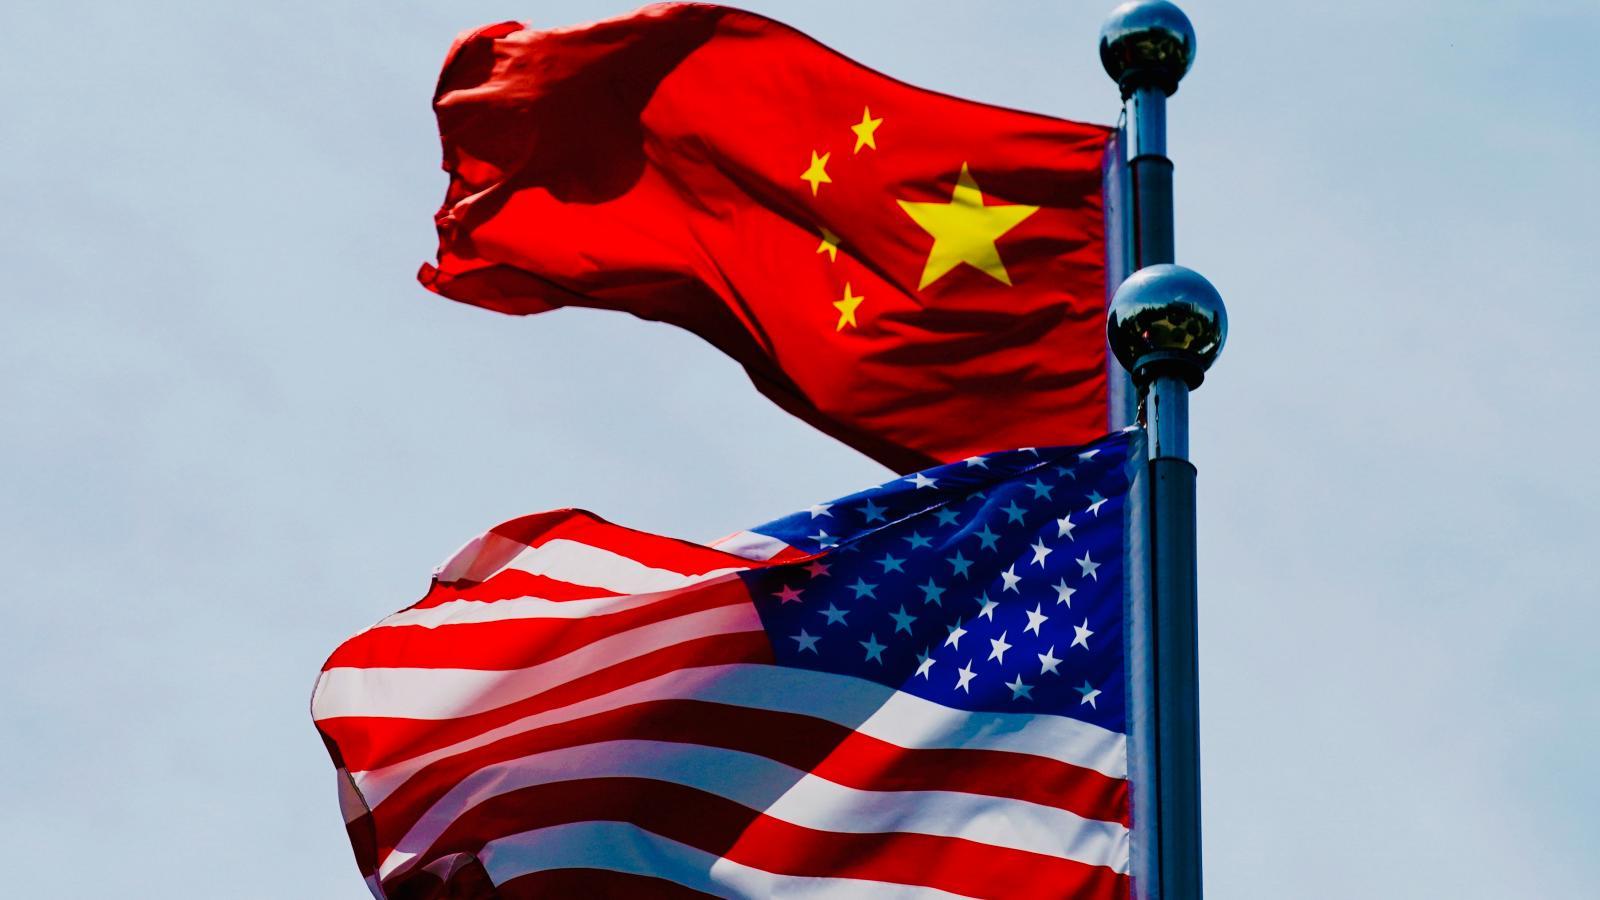 Chinese Quartz vs American Quartz